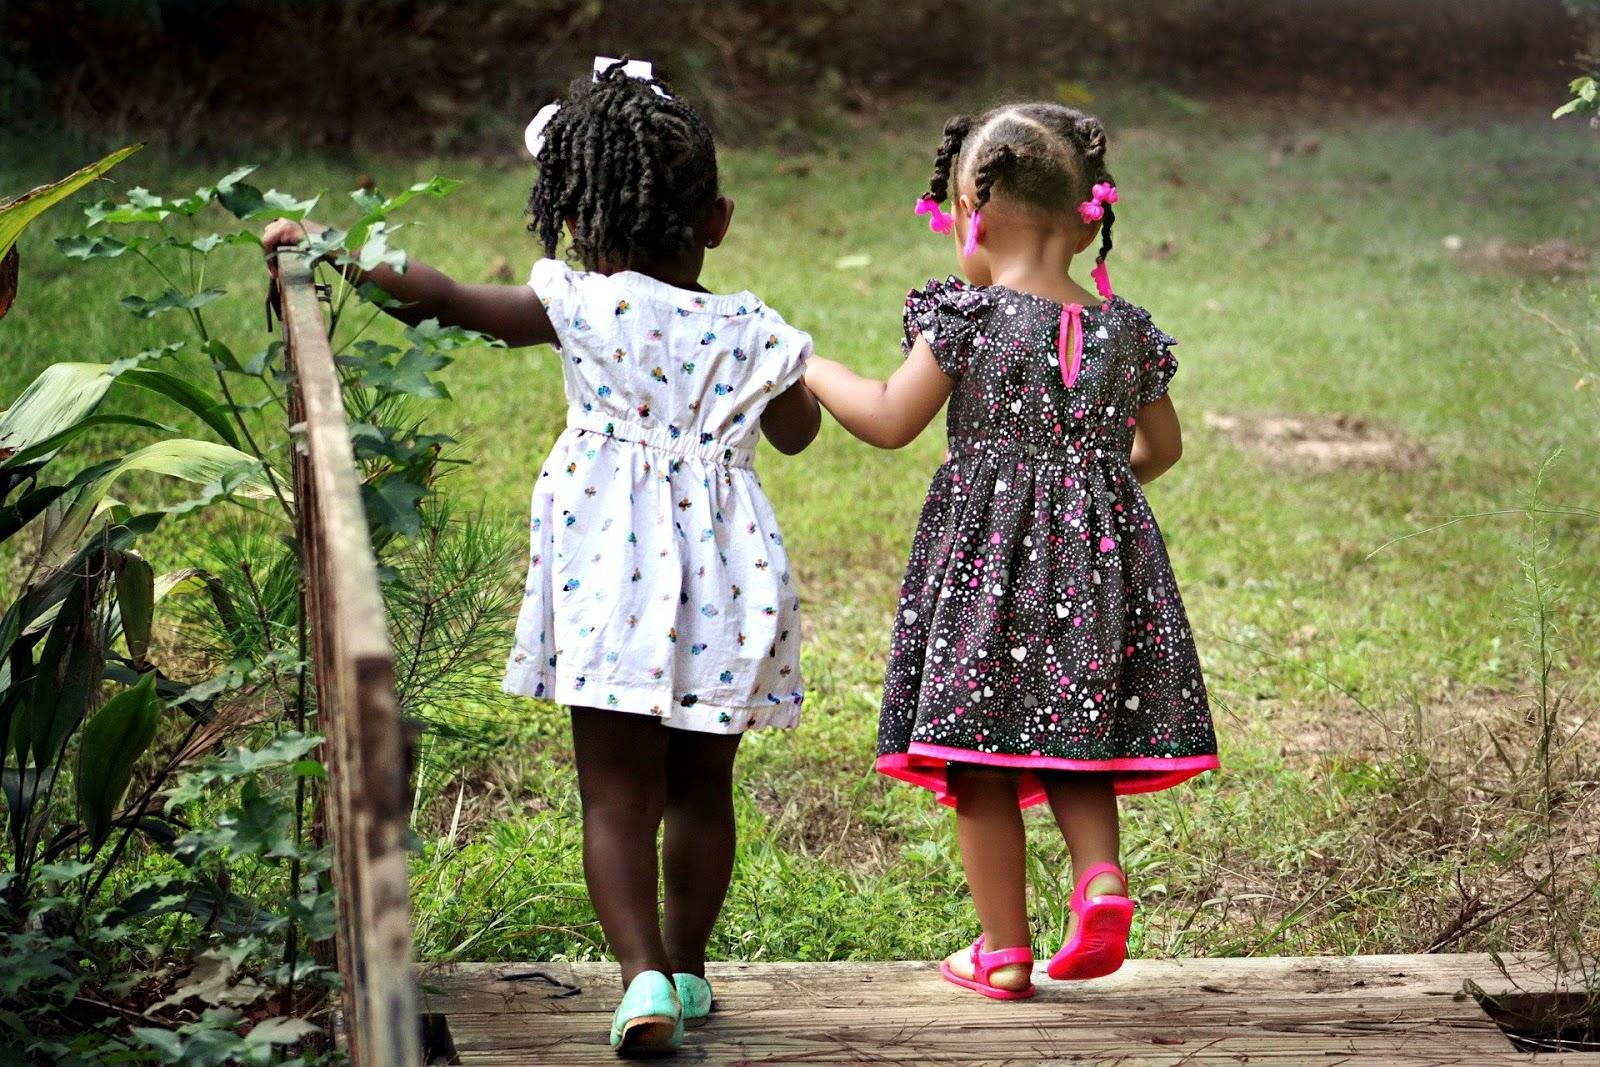 Czego możemy uczyć się od dzieci?